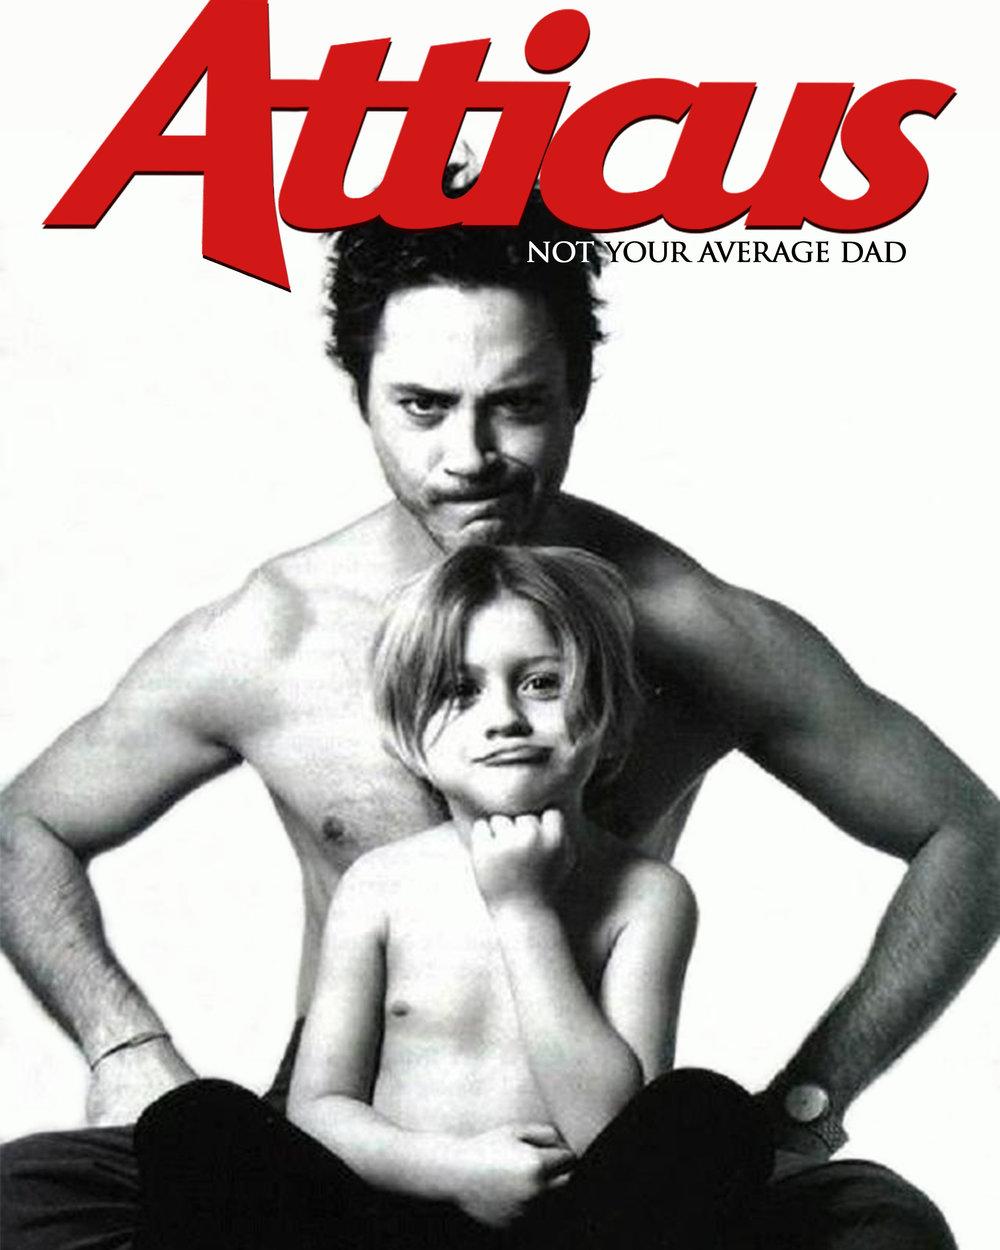 Atticus3.jpg